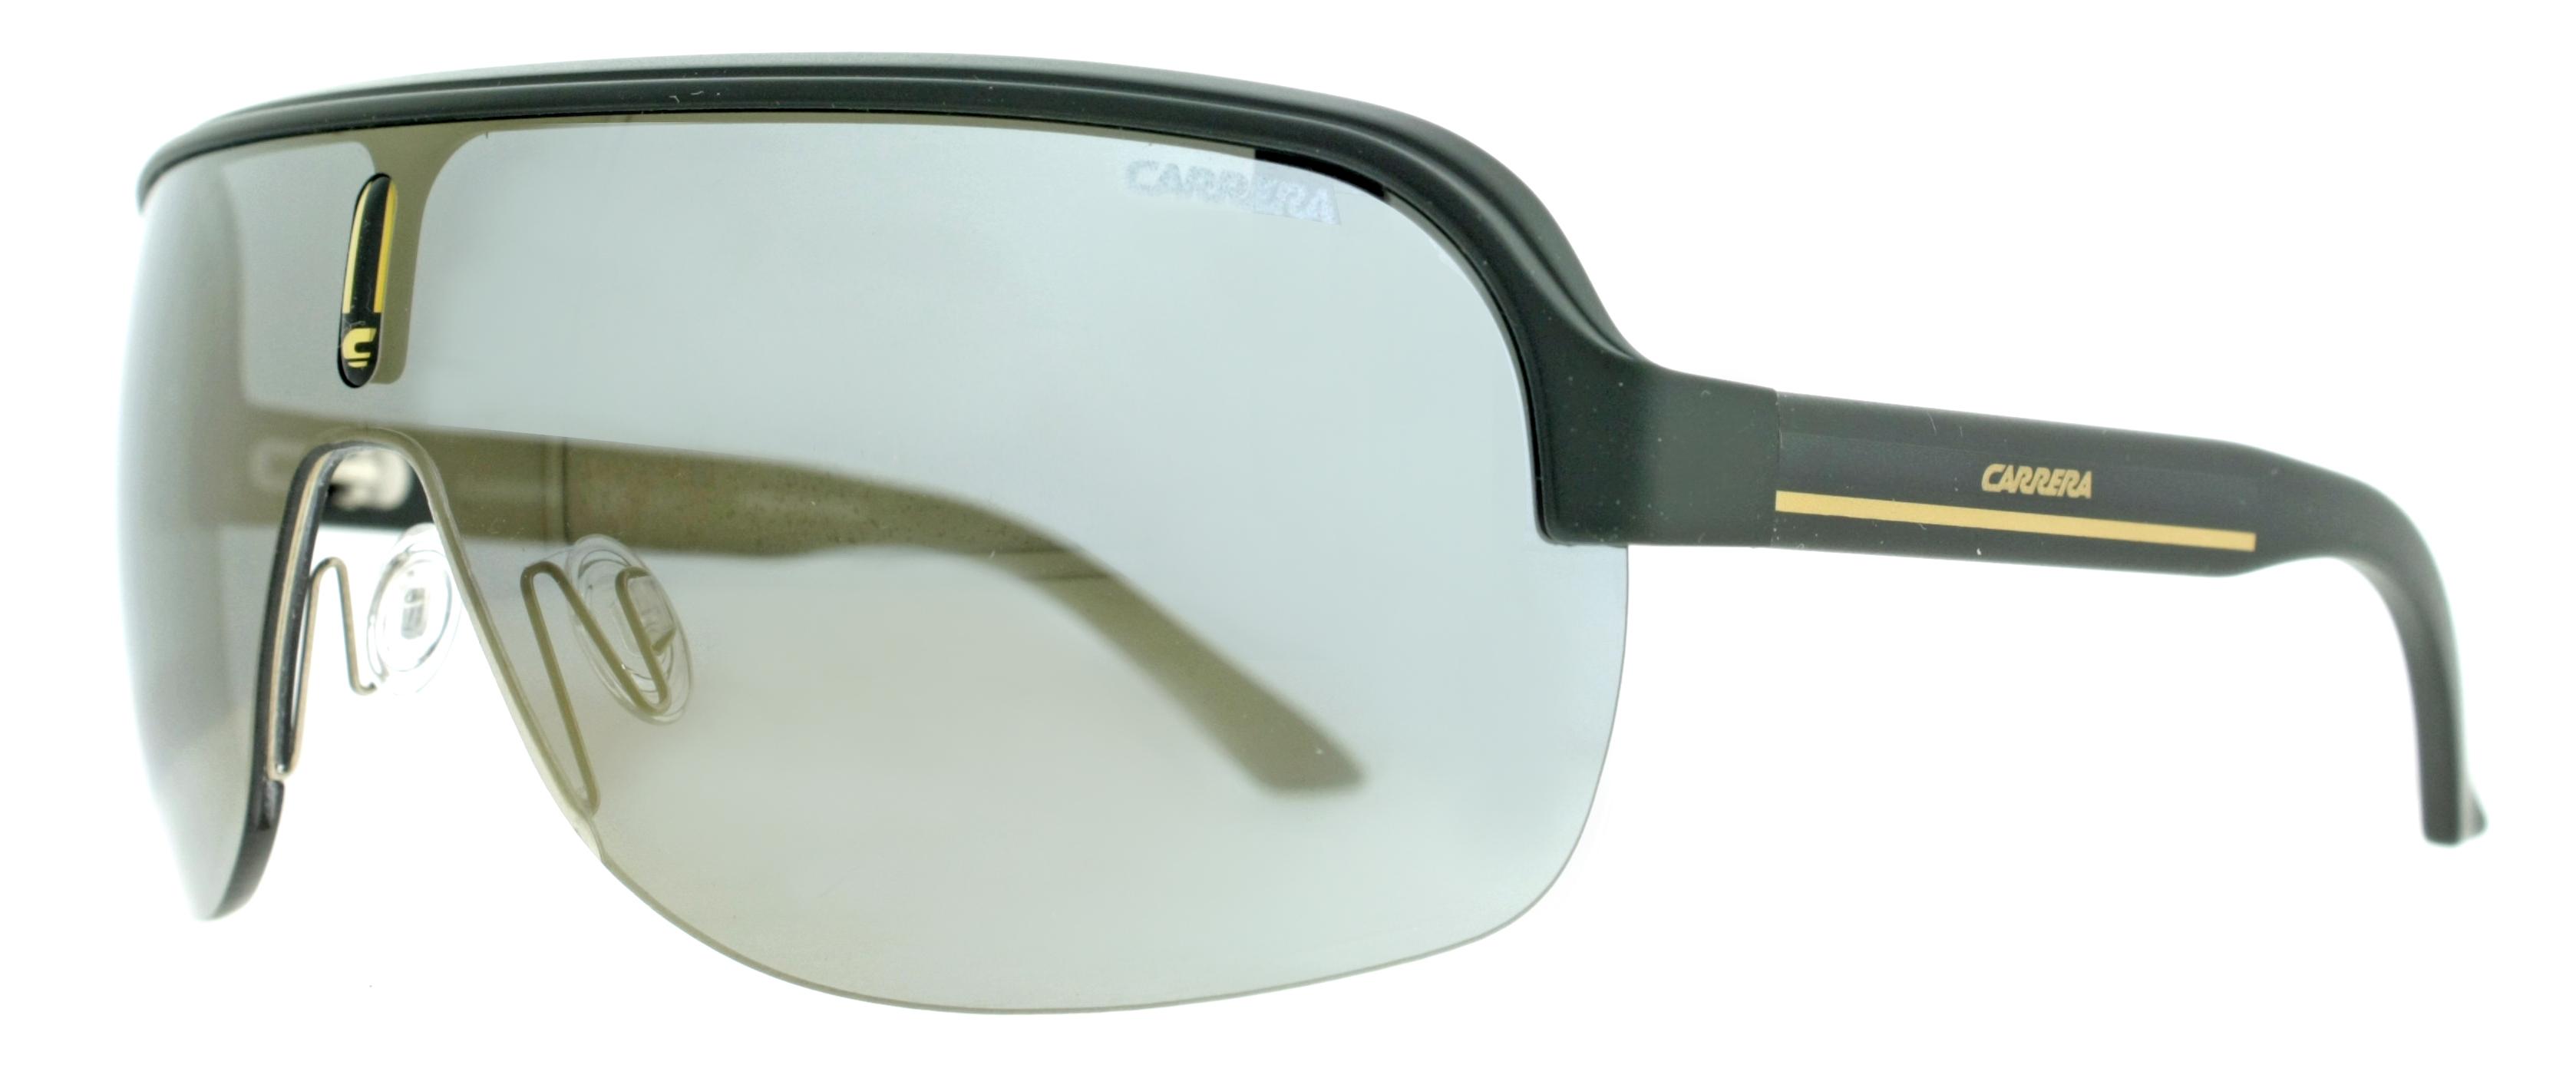 69e047e046af7 Óculos De Sol Carrera Ca Topcar 1 Dl5mv Preto Fosco - R  727,99